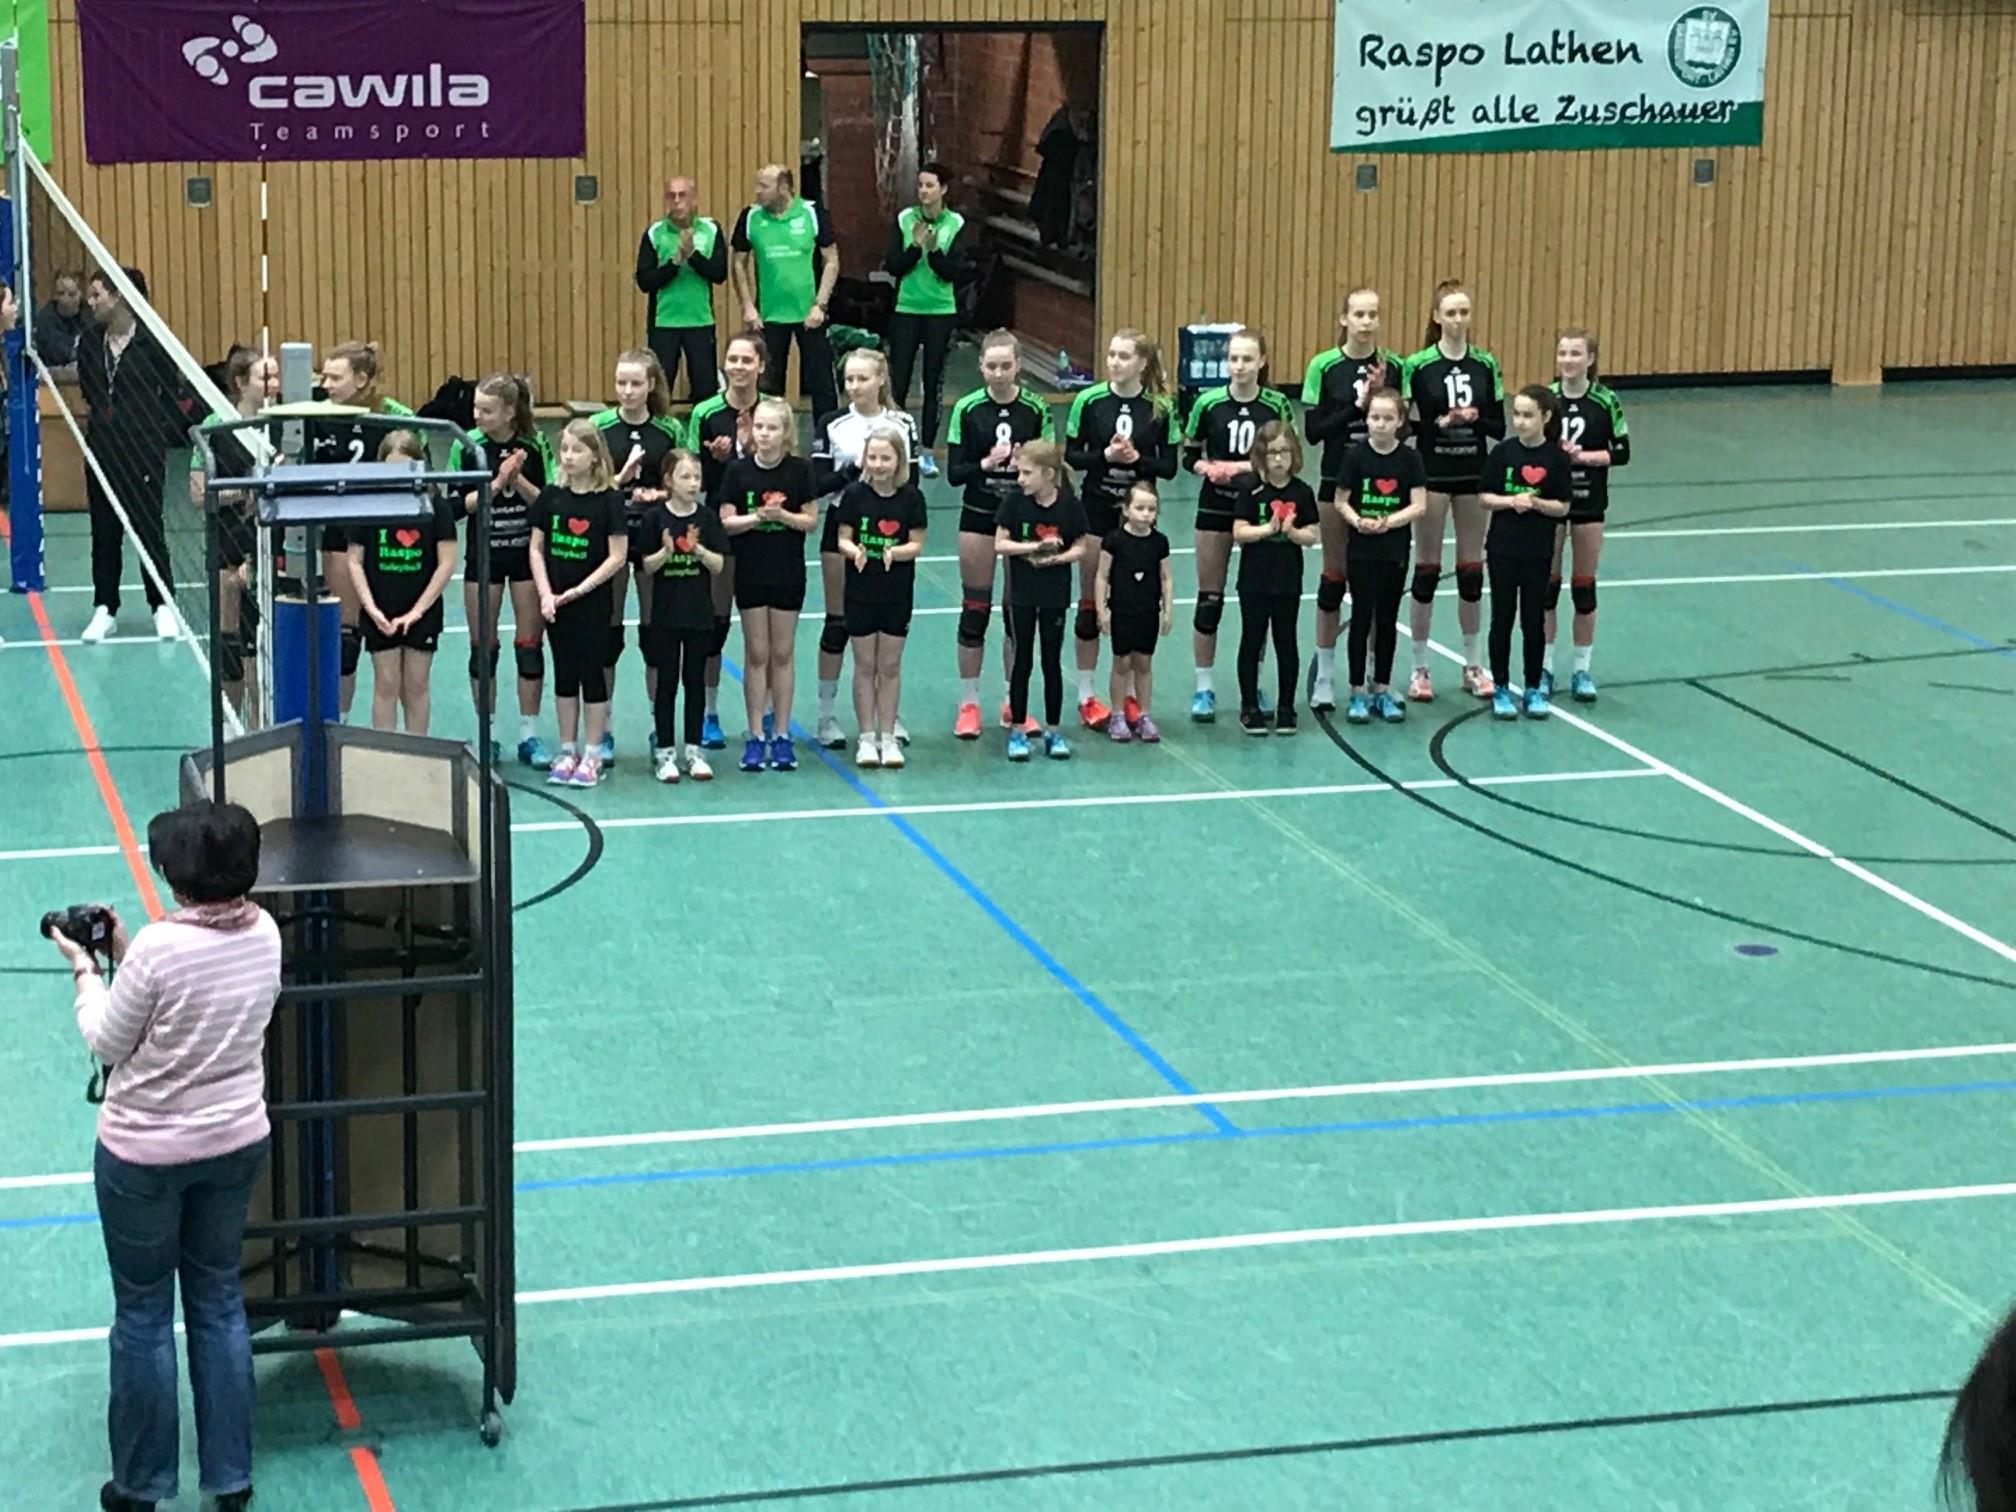 Volleyball – Damen 1 nach 12 Jahren Wiederaufstieg in die Verbandsliga!